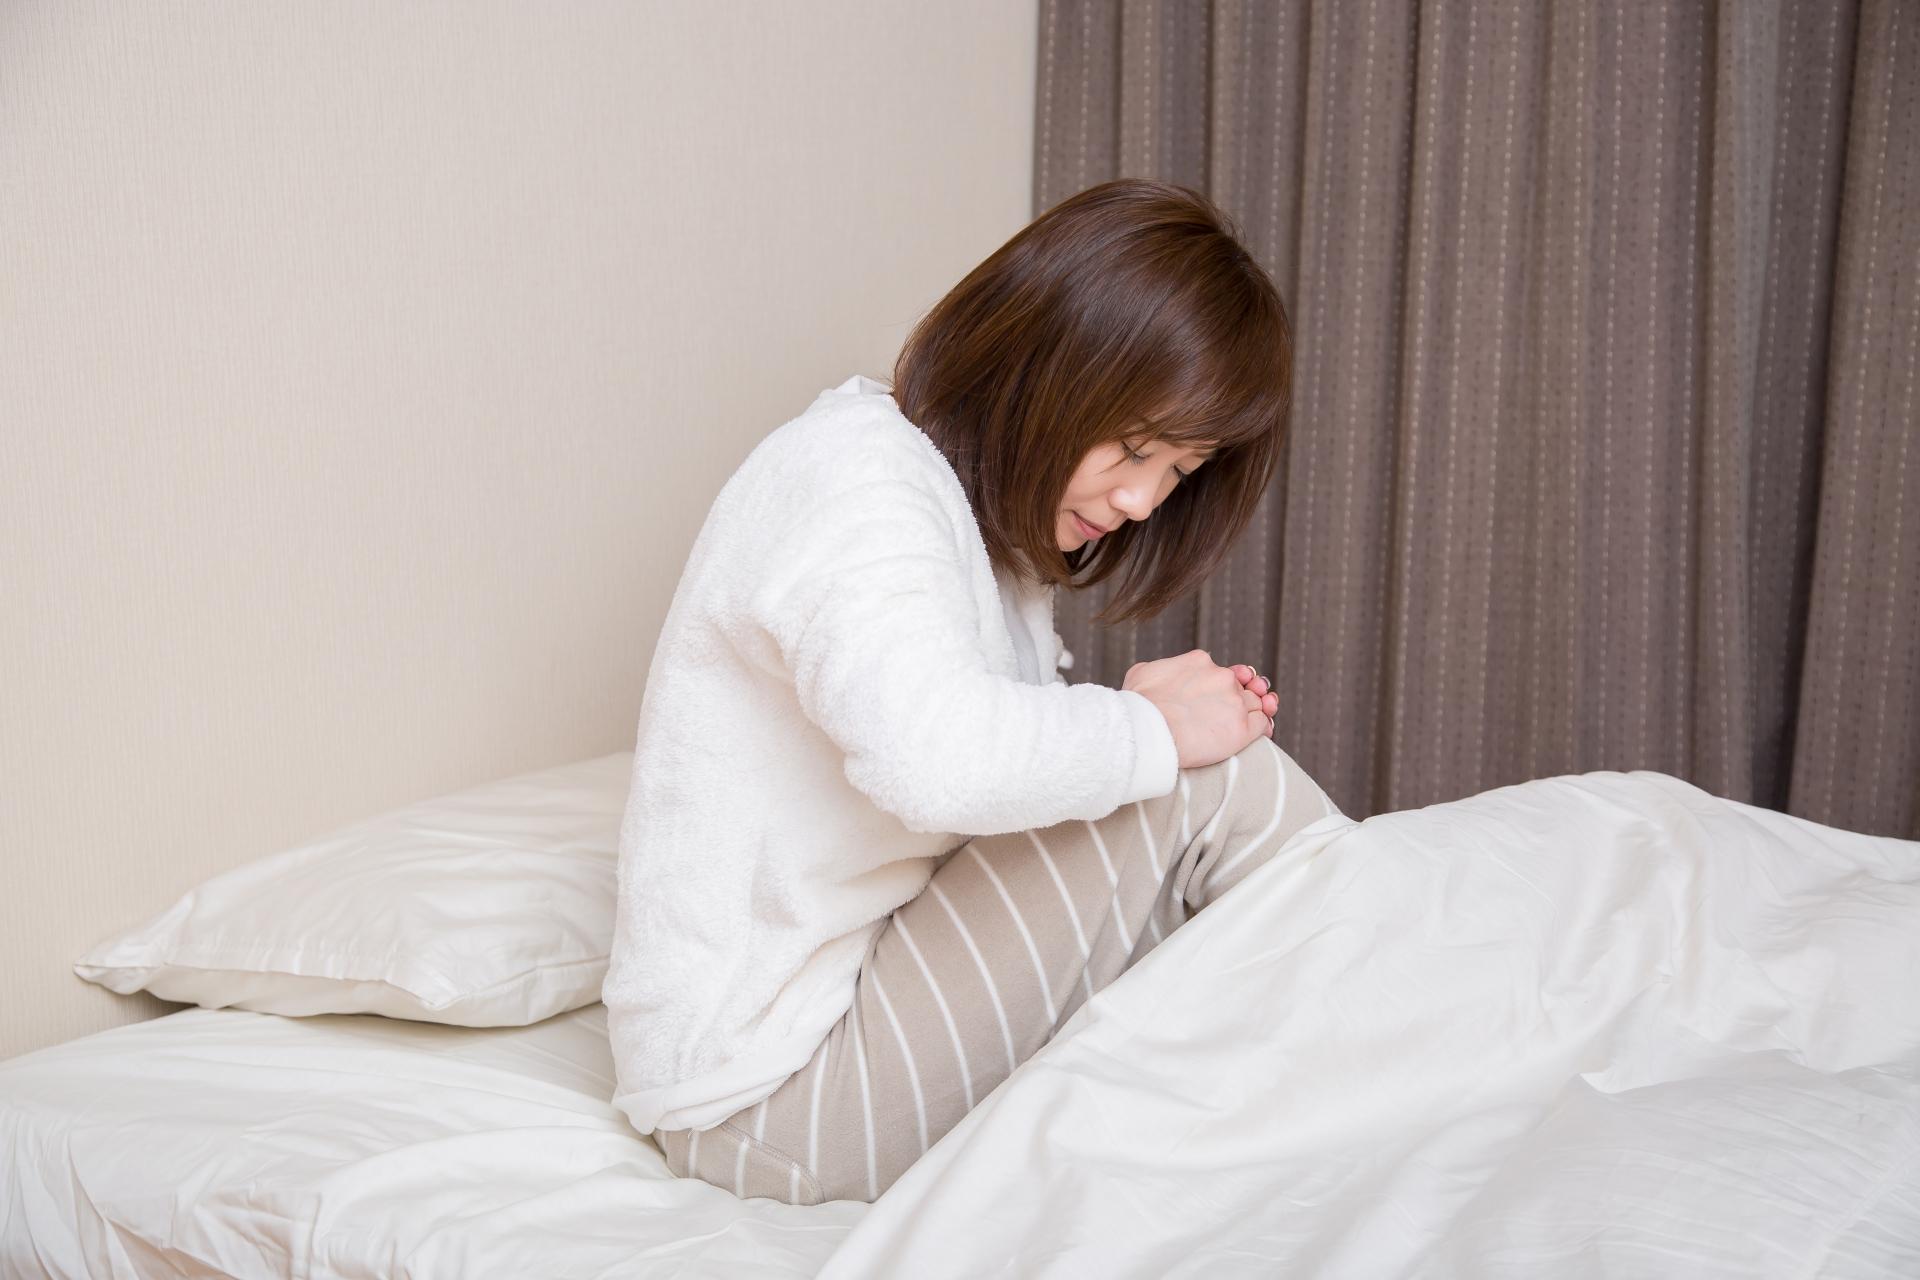 朝に関節症状のある女性